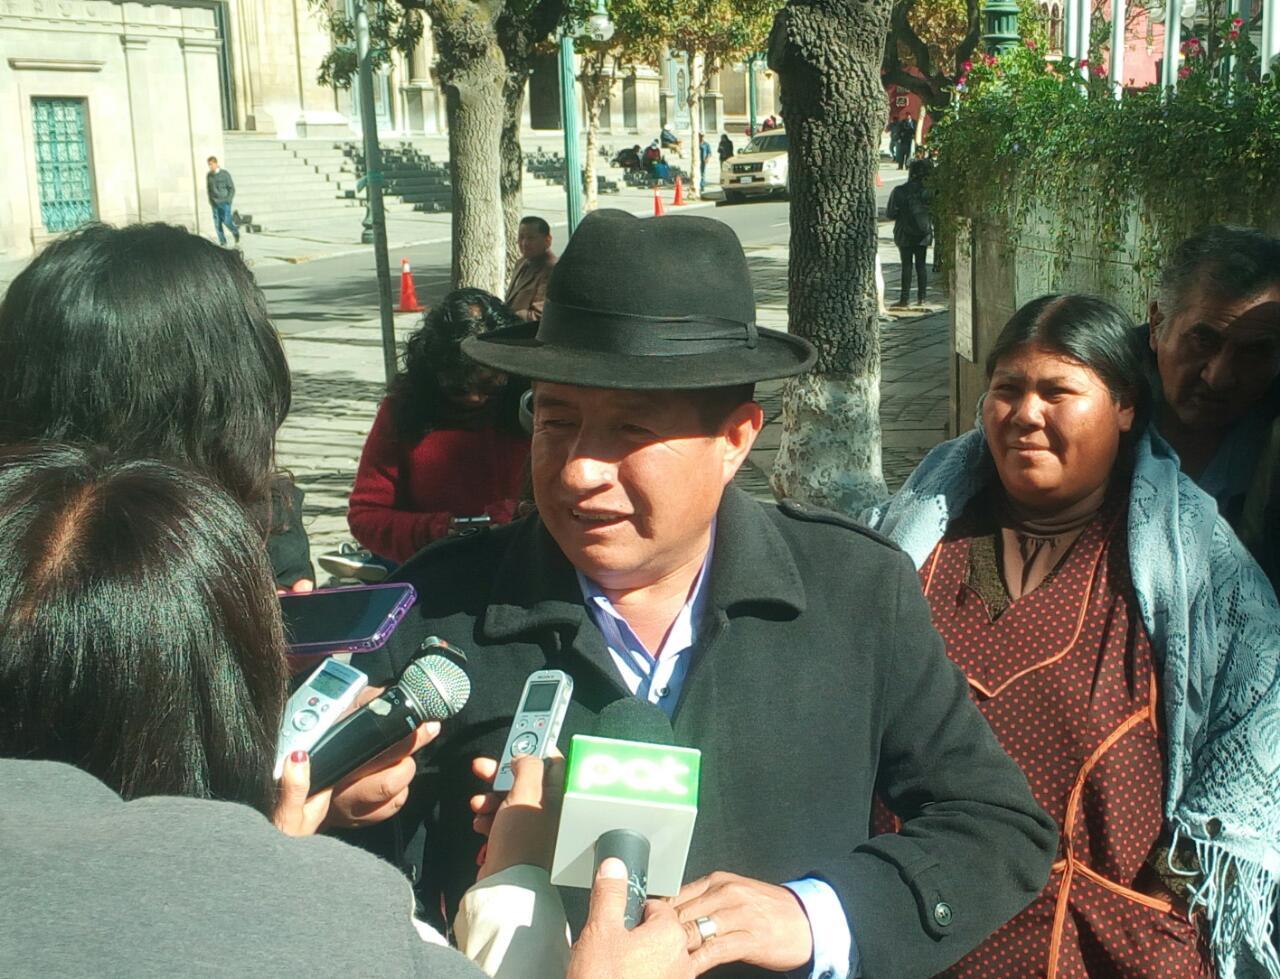 Diputado Quispe exige garantías a la Policía tras recibir amenazas de muerte por parte de ponchos rojos